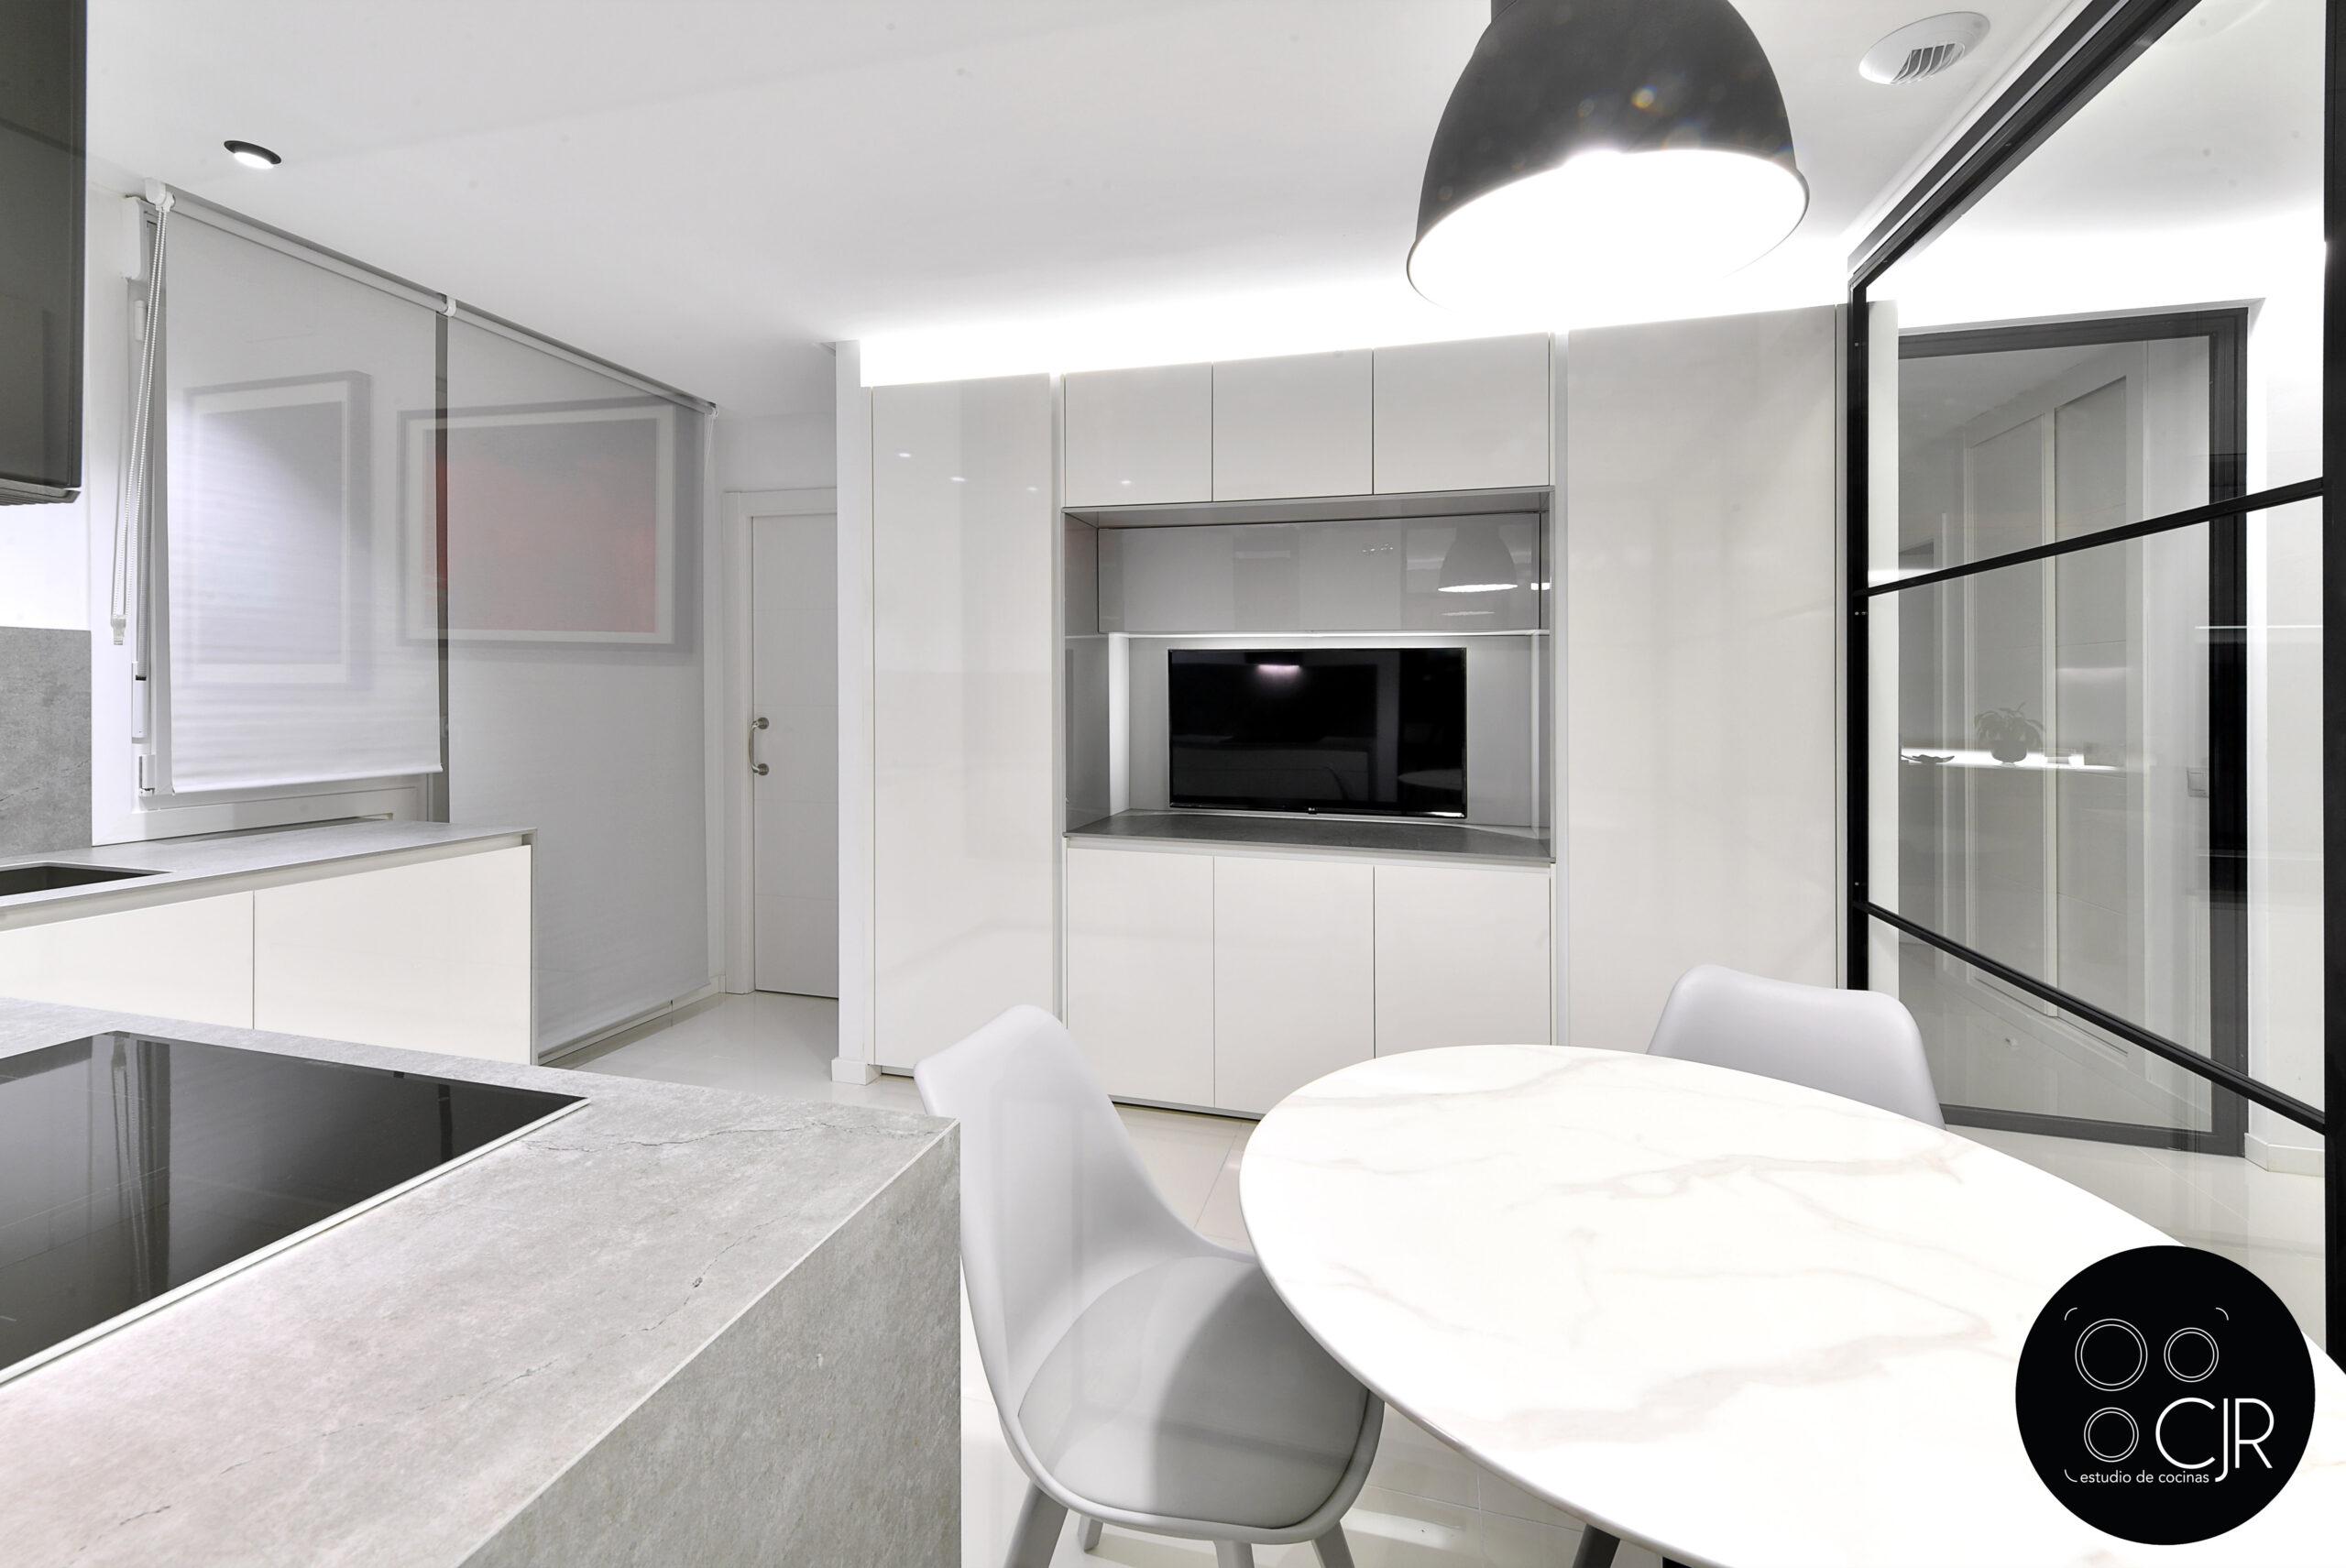 Visión general de la cocina blanca con encimera gris marengo